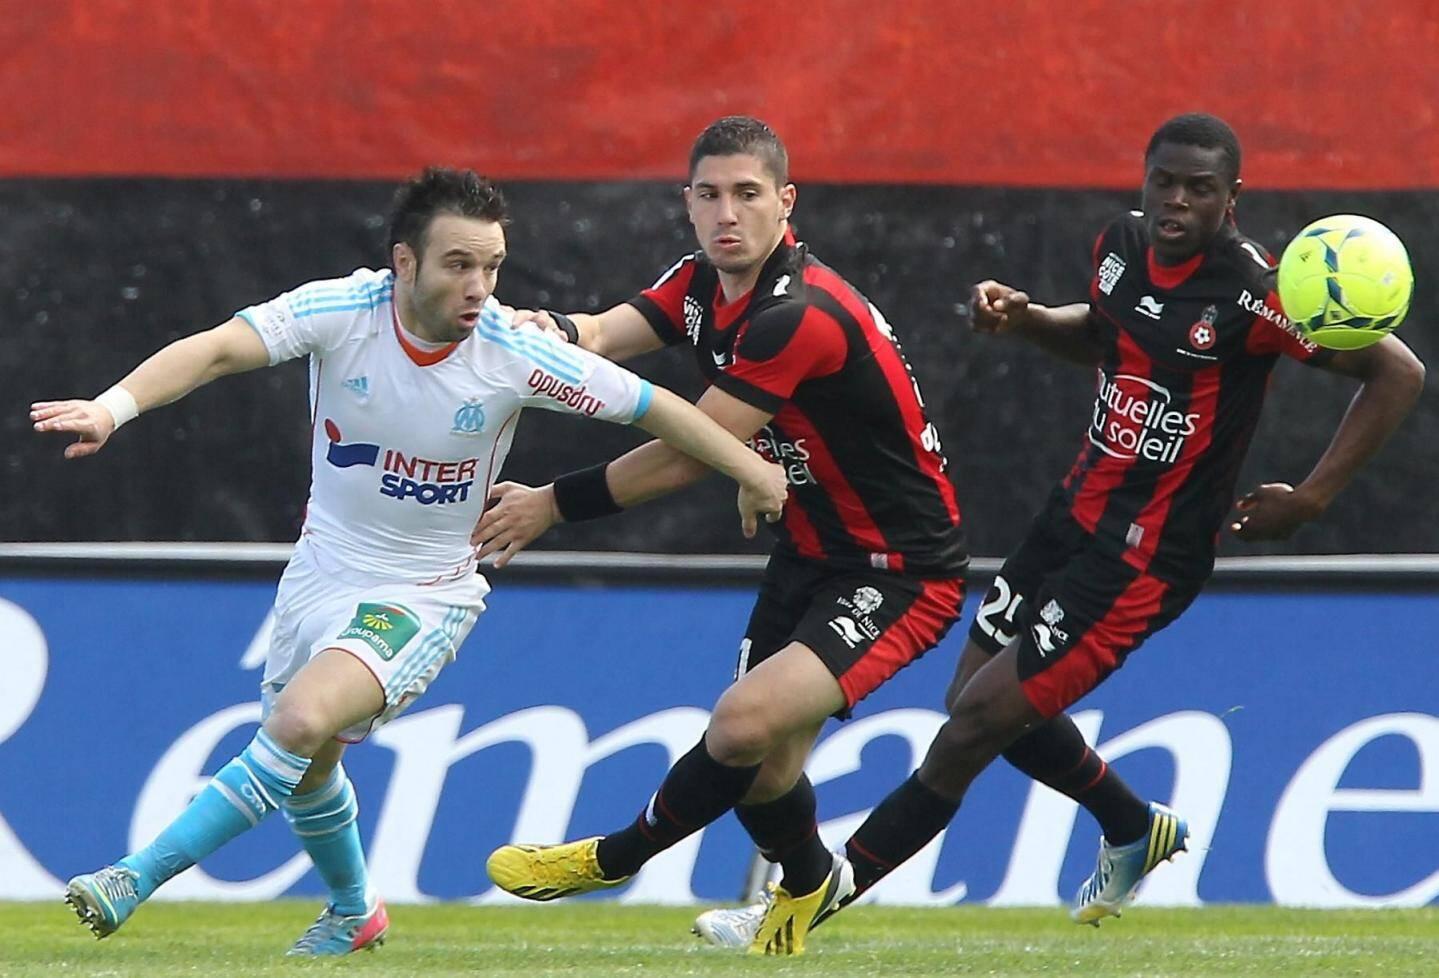 Valbuena échappe à Pied et Genevois, et Marseille prive Nice d'une place sur le podium. L'OM devance désormais de six points le Gym, toujours cinquième de Ligue 1.